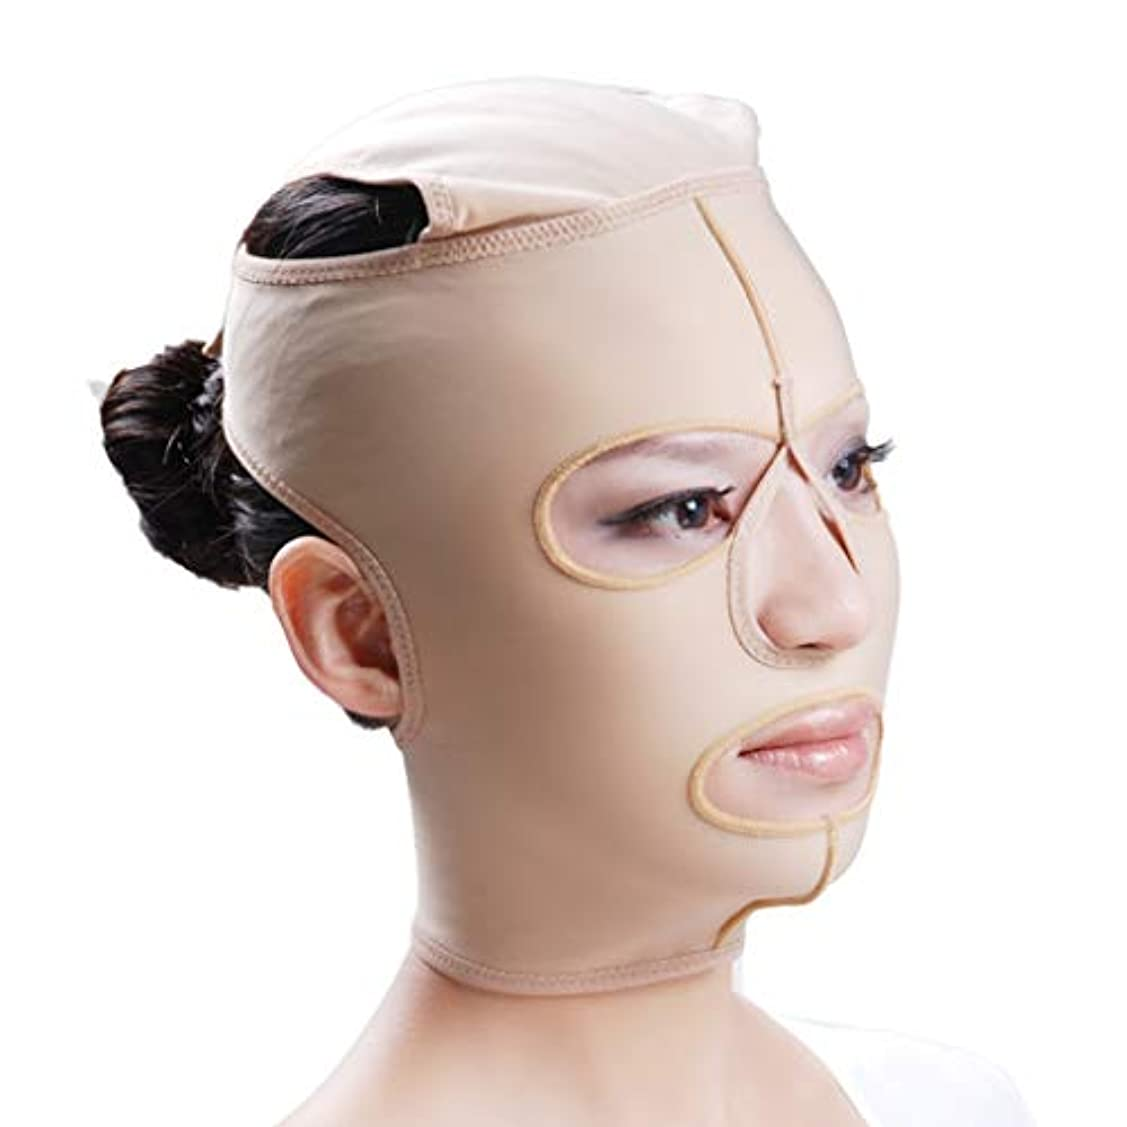 ドラフトパイロット花嫁XHLMRMJ フェイスリフトマスク、フルフェイスマスク医療グレード圧力フェイスダブルチンプラスチック脂肪吸引術弾性包帯ヘッドギア後の顔の脂肪吸引術 (Size : M)